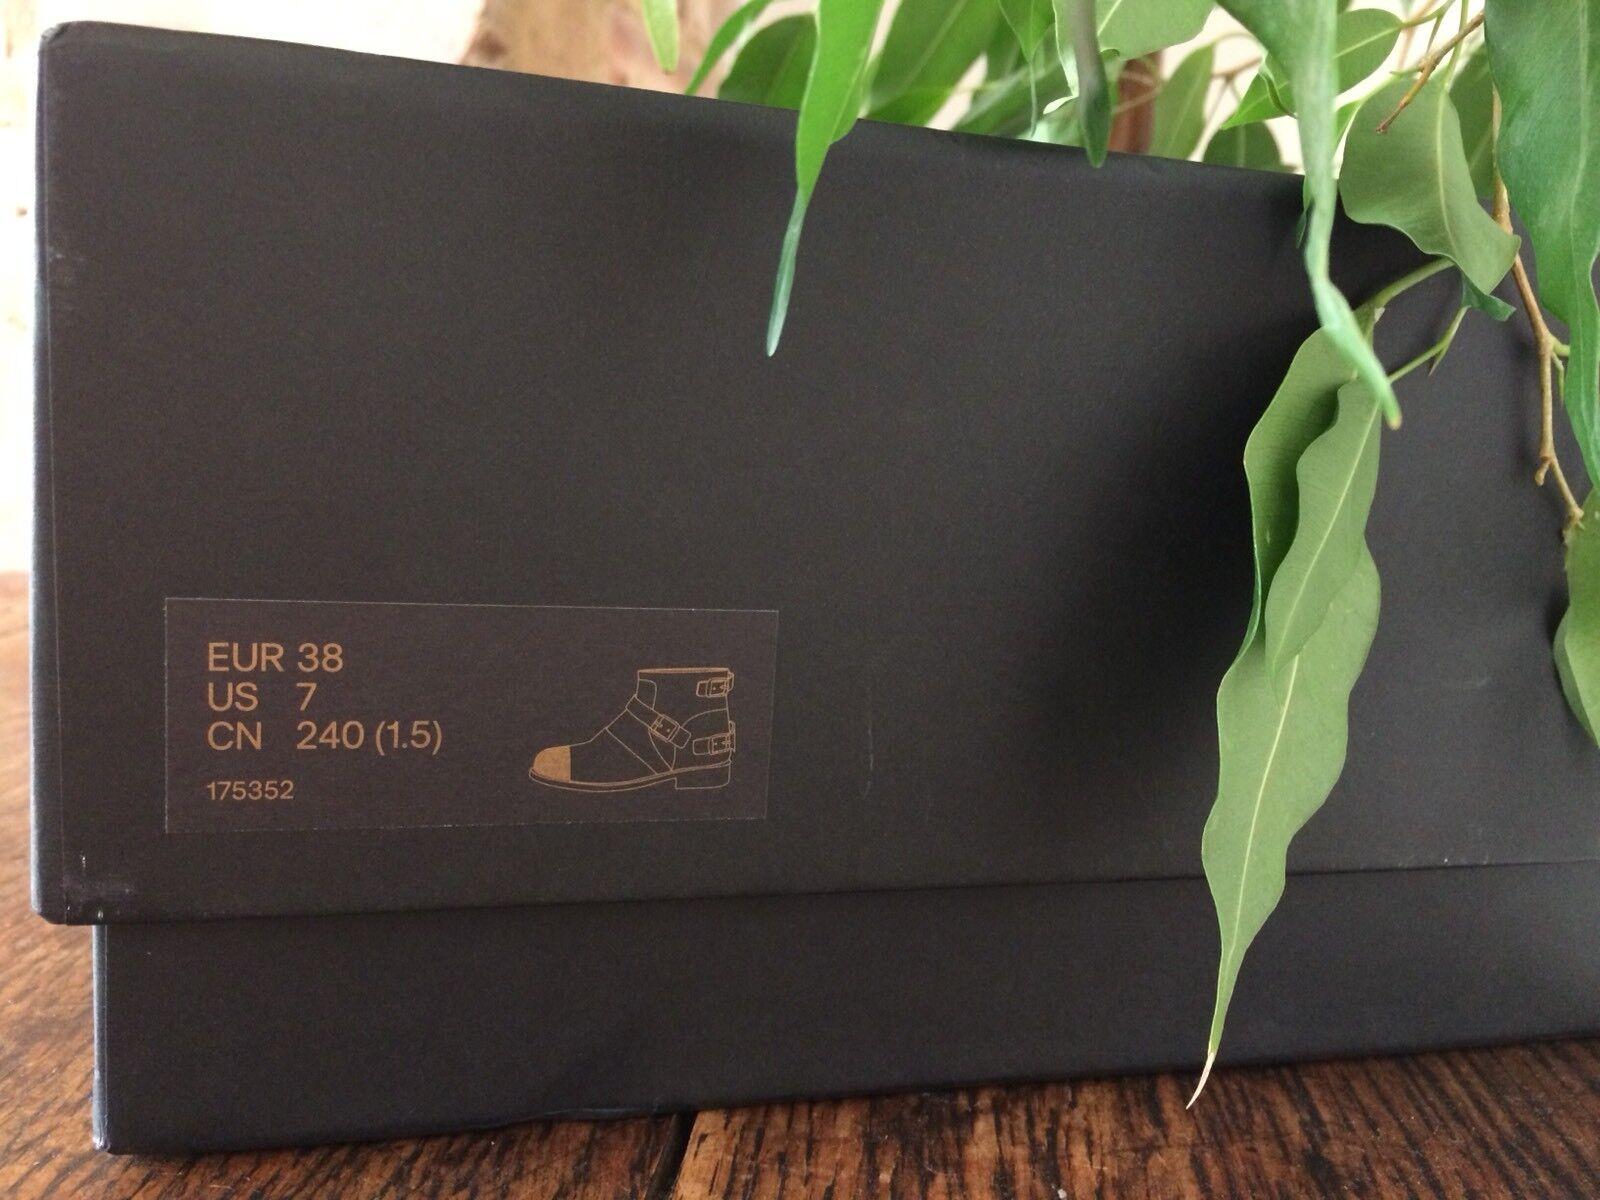 Nuevos limitado zapatos para hombres y mujeres, descuento por tiempo limitado Nuevos Balmain X H&M Negro Y Dorado Puntera Botas De Gamuza bc06f0